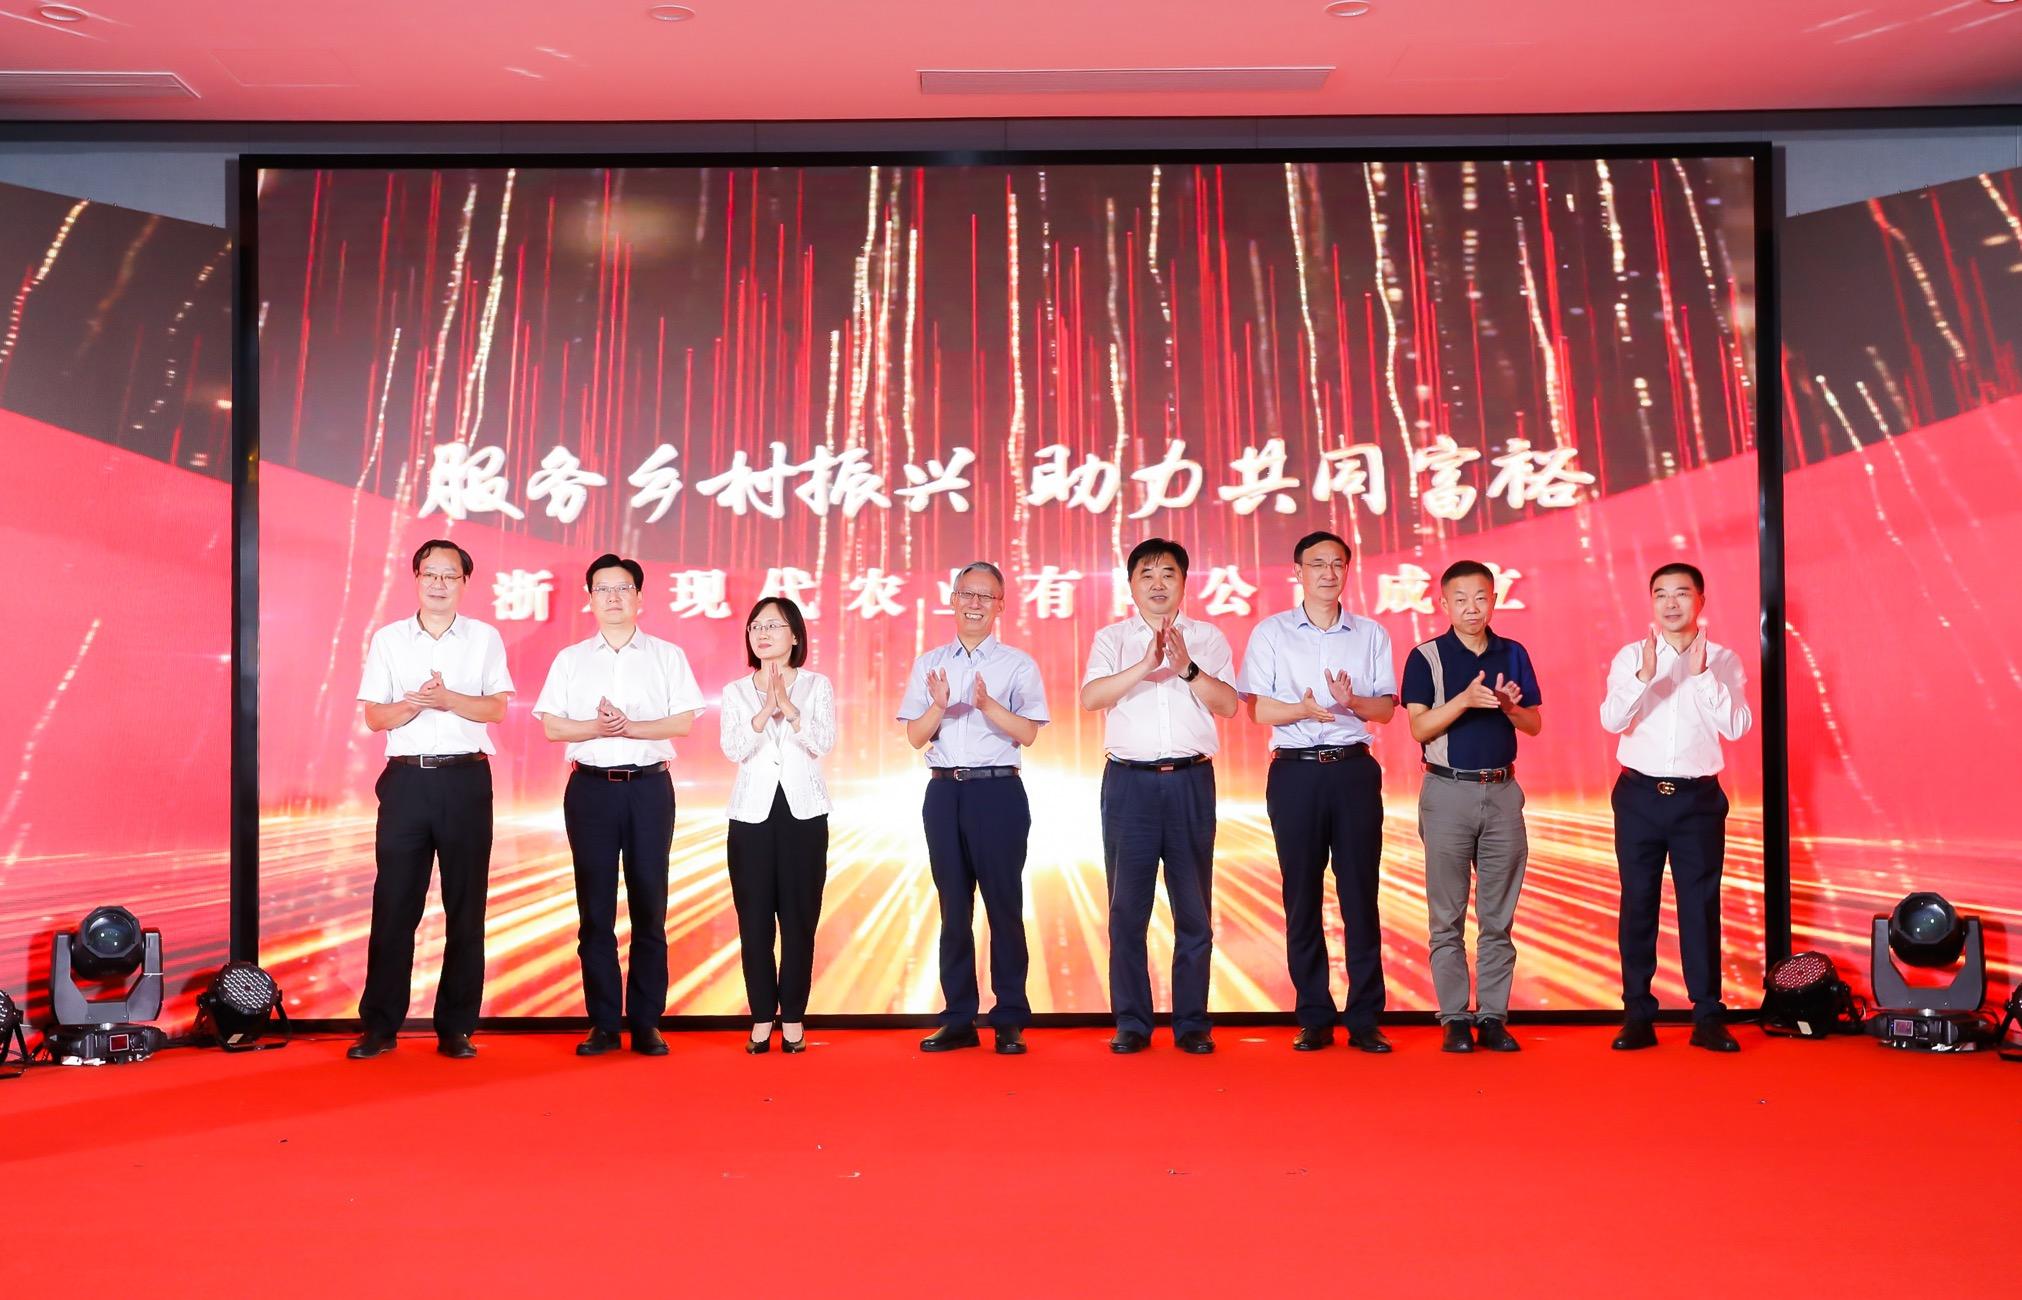 构建现代农业社会化服务体系!浙农现代农业有限公司正式成立